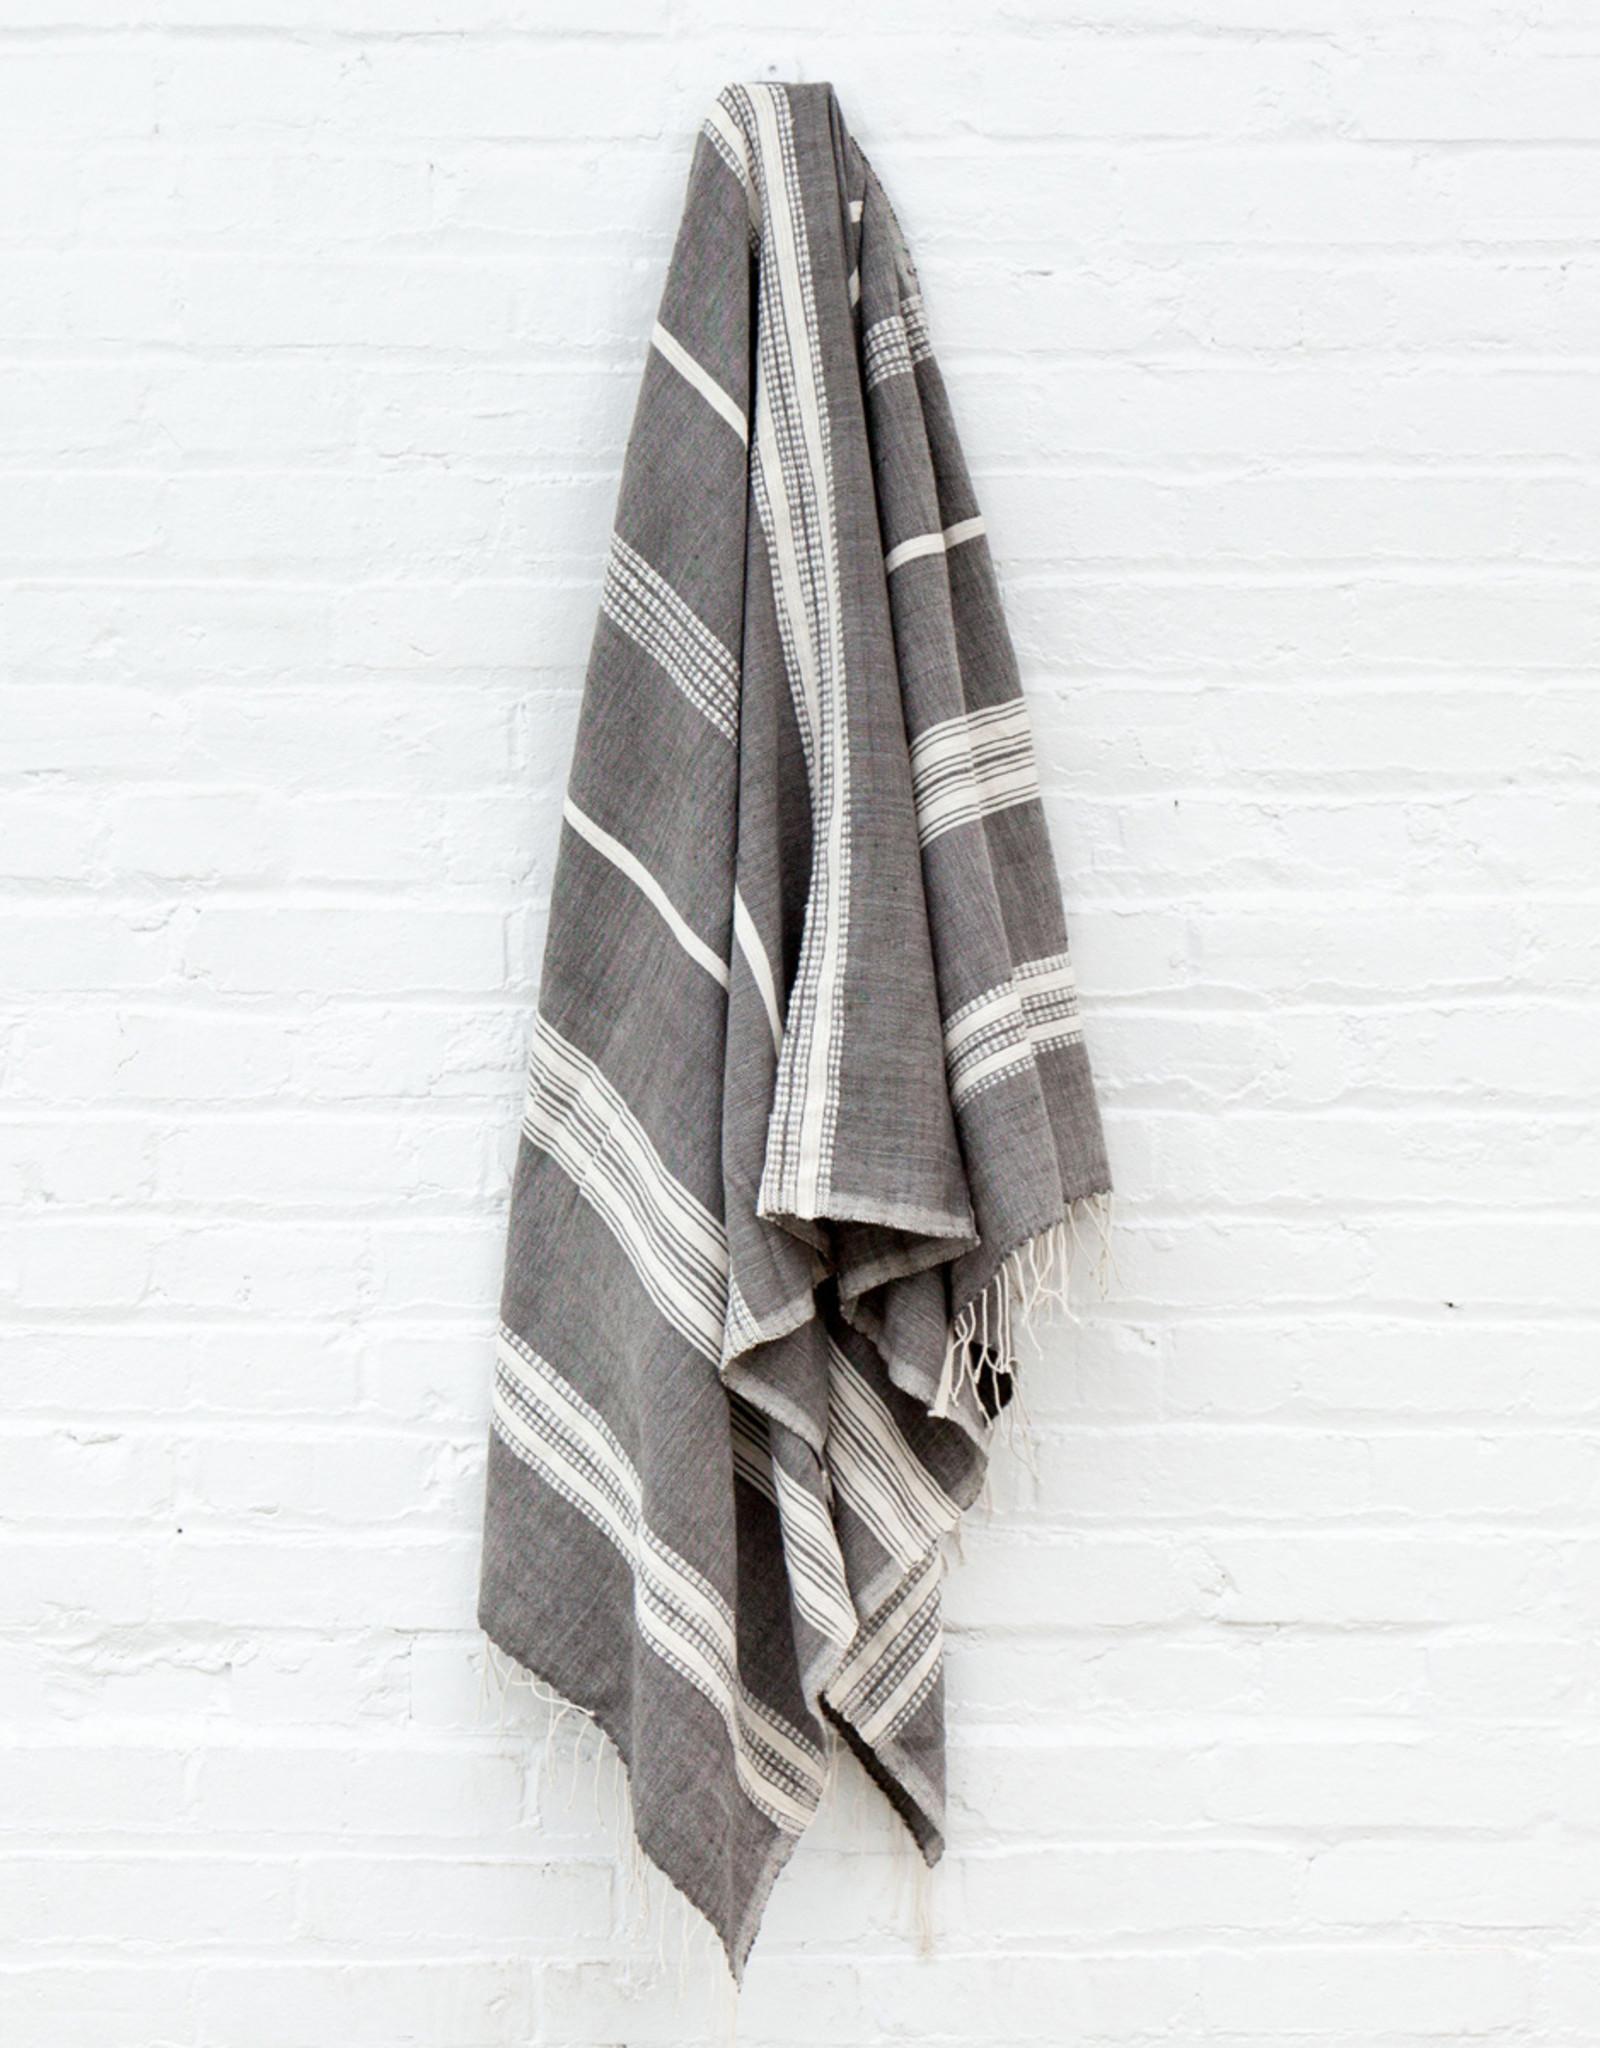 ADEN COTTON BATH TOWEL- Grey